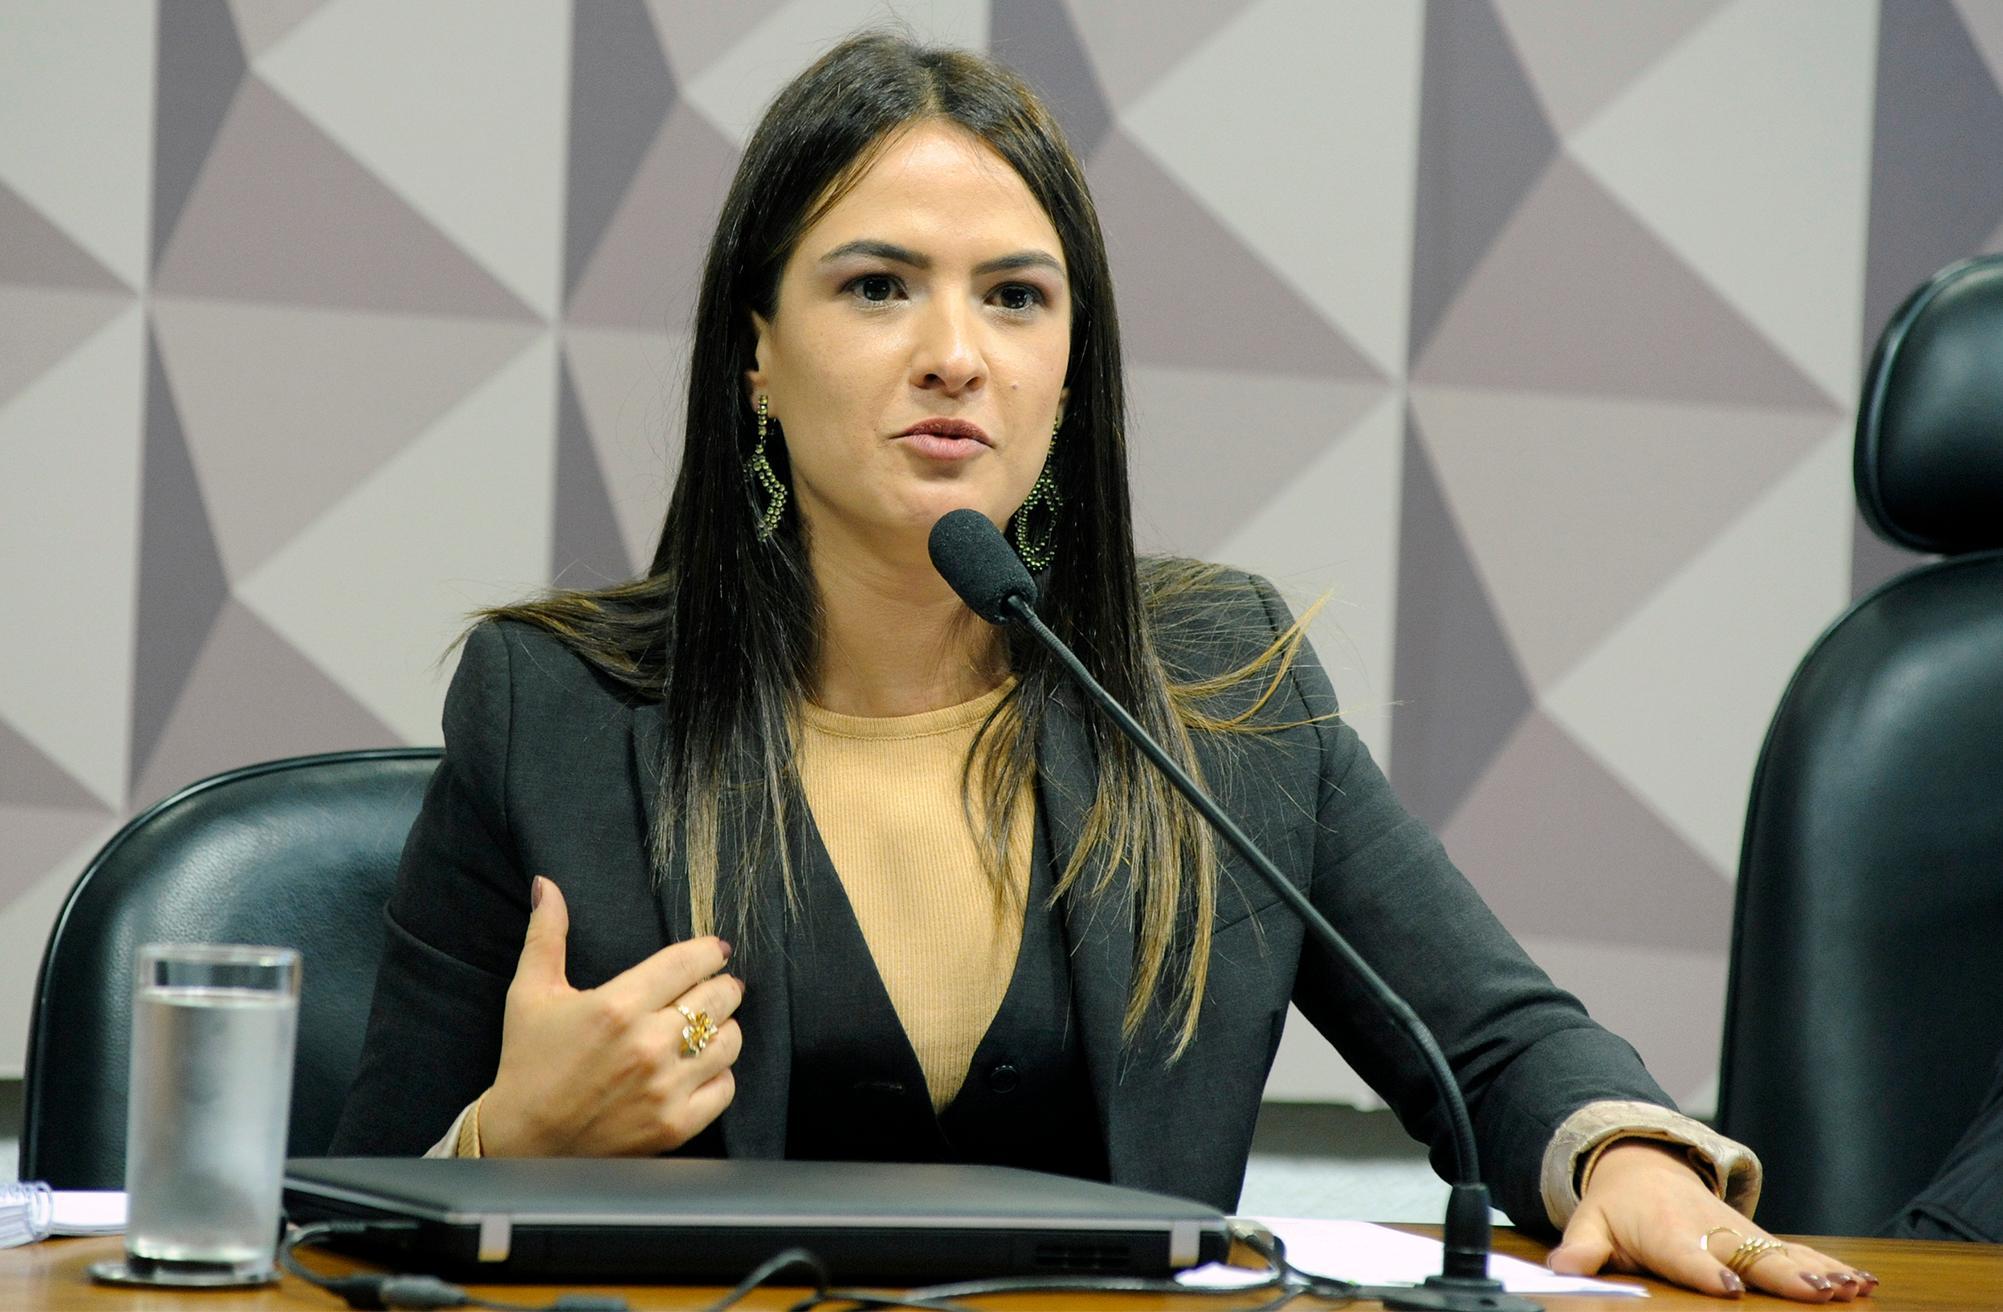 Instalação e Eleição de Presidente e de Vice-Presidente. Dep. Bruna Furlan (PSDB - SP)